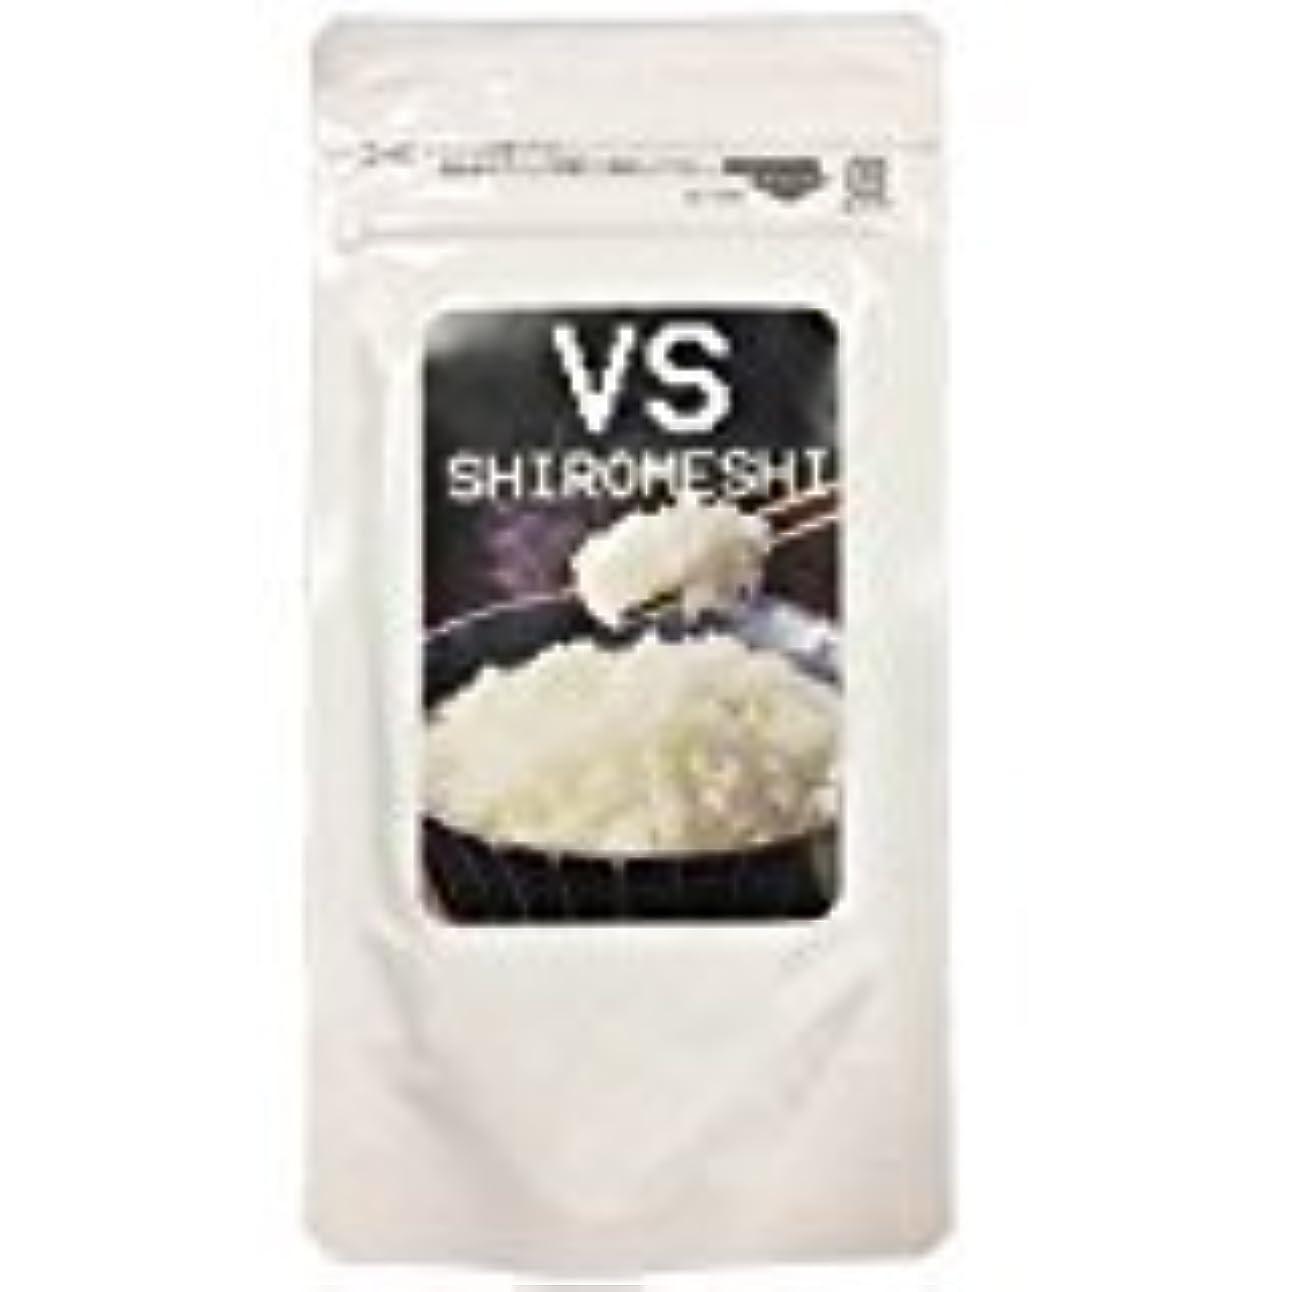 却下する昇る操作可能VS SHIROMESHI